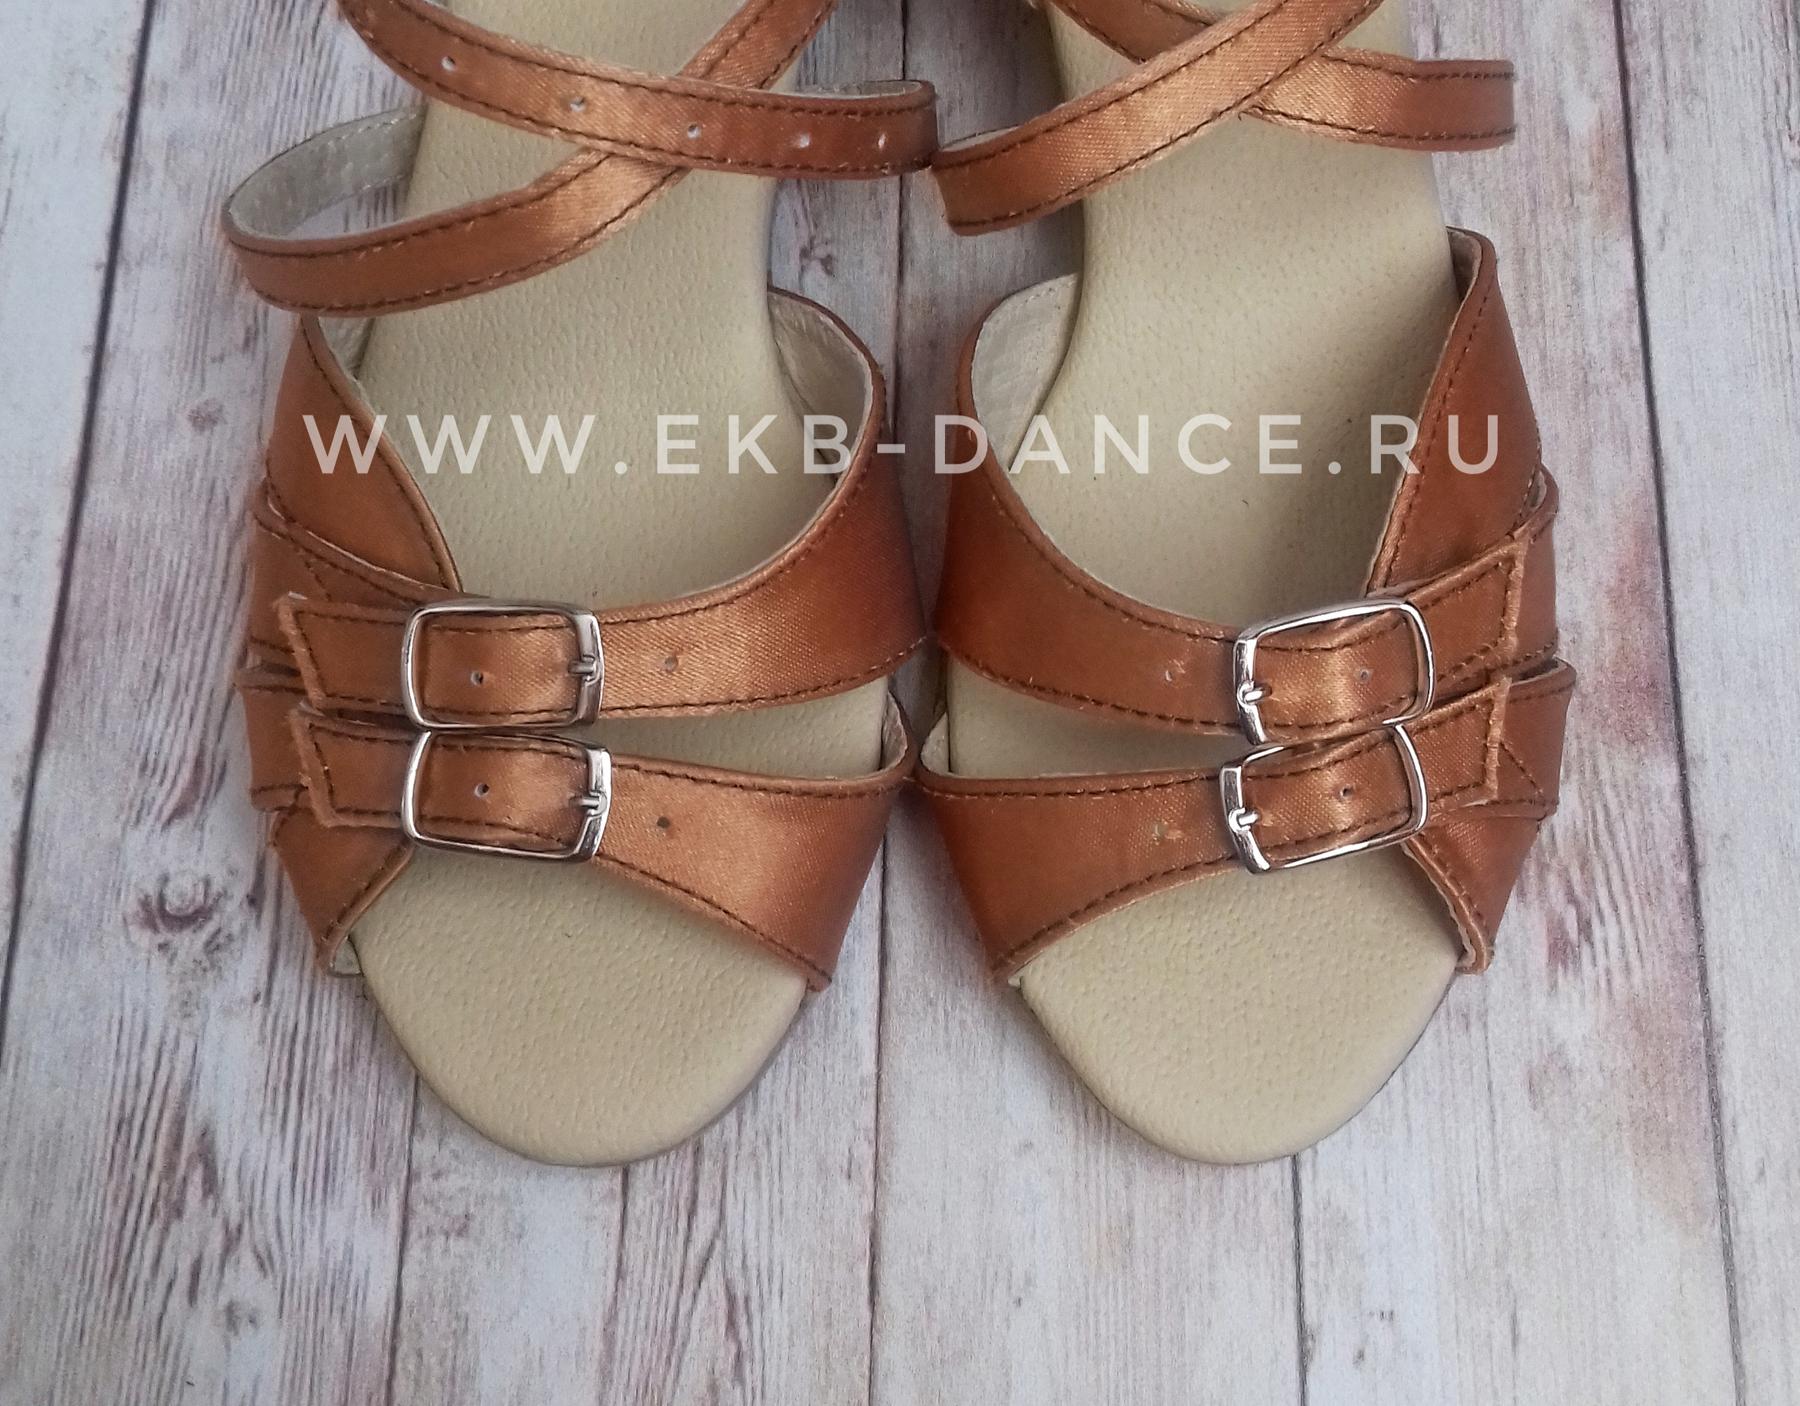 танцевальные рейтинговые туфли для девочки, Василиса, цвет загар